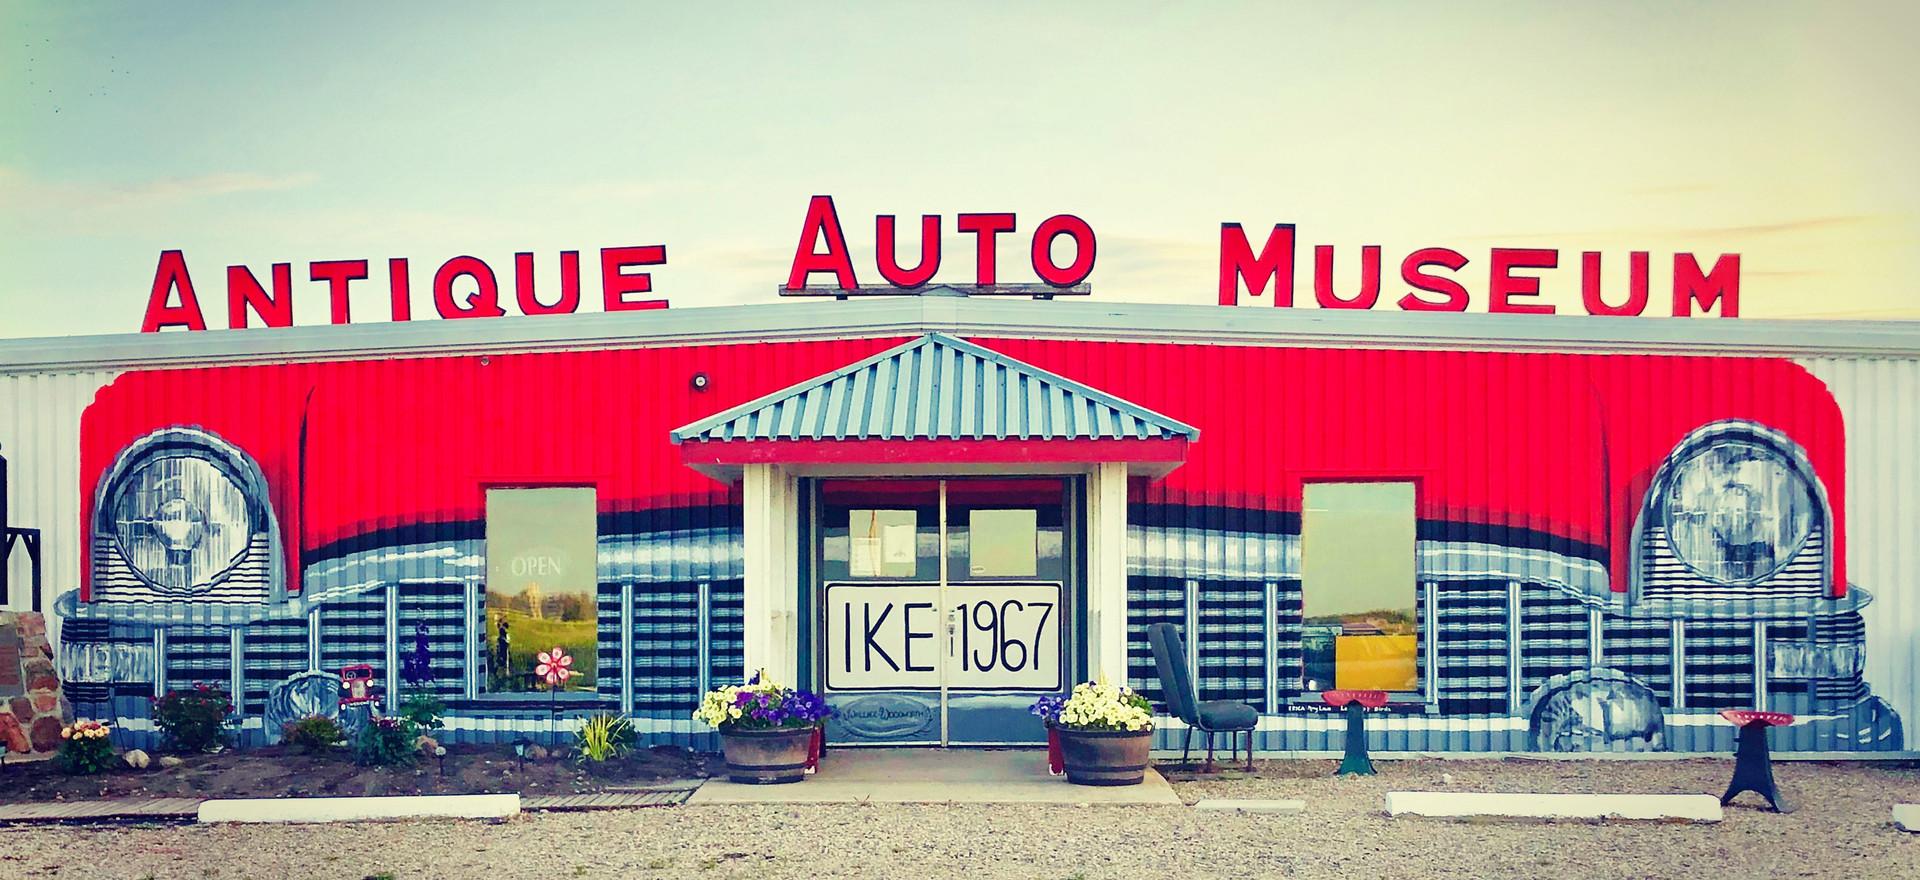 Elkhorn Antique Auto Museum